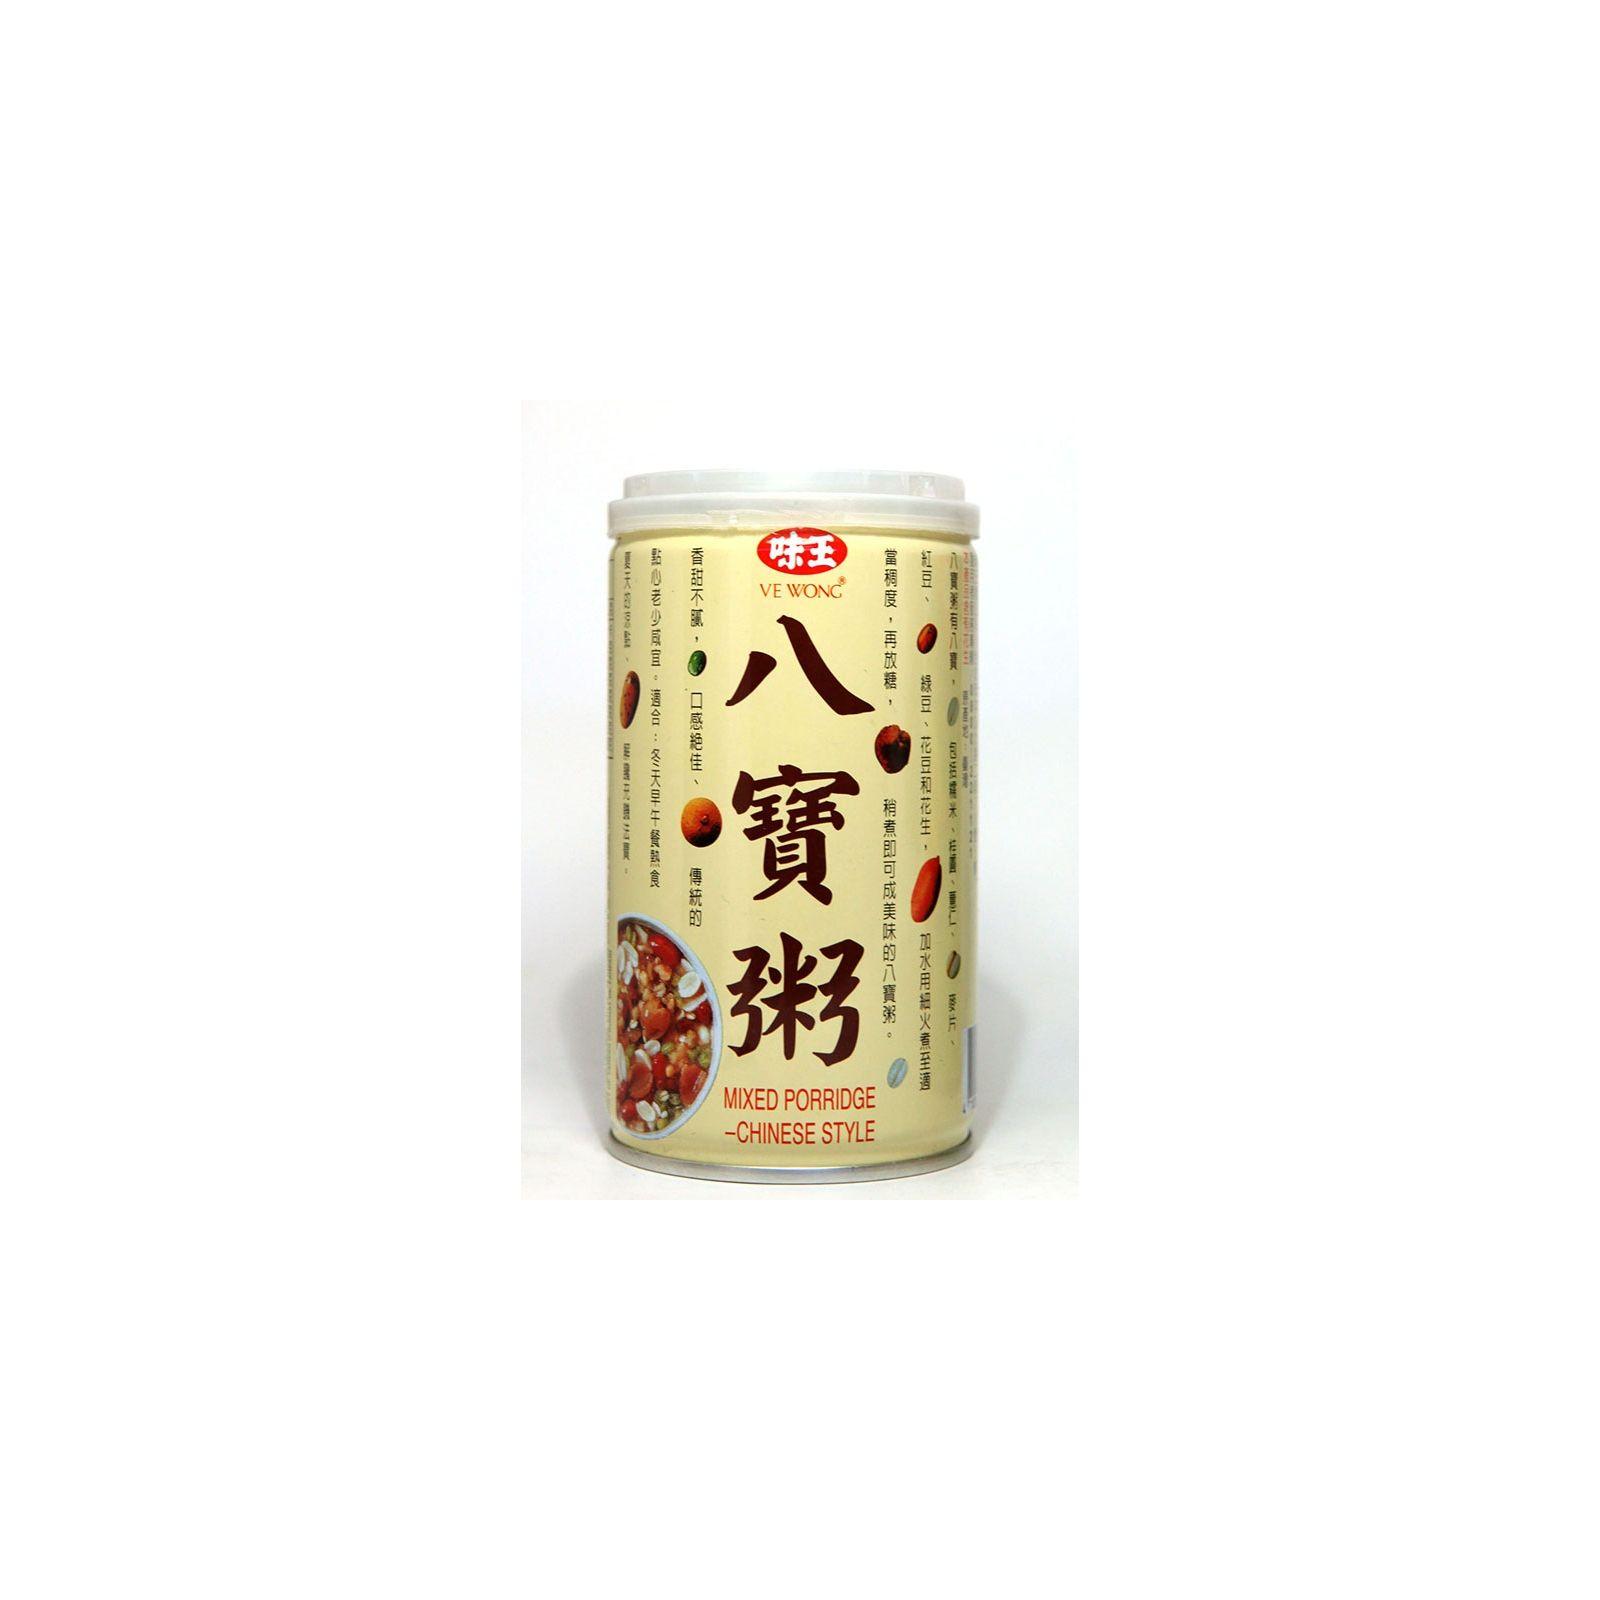 Asia Marché Dessert Chinois aux graines 160g